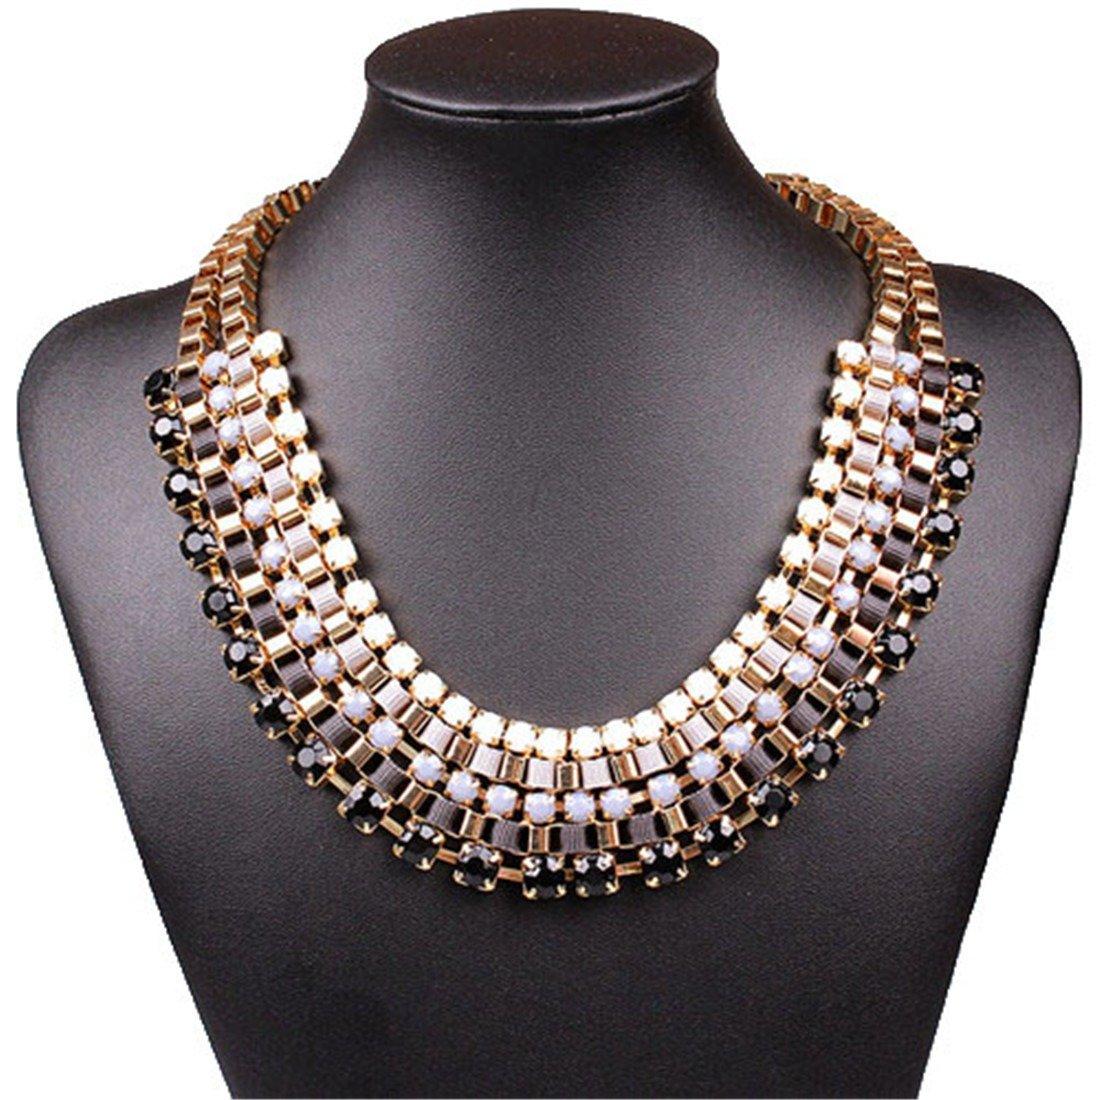 启运 同款 时尚流行手工编线夹钻多色项链 黑色